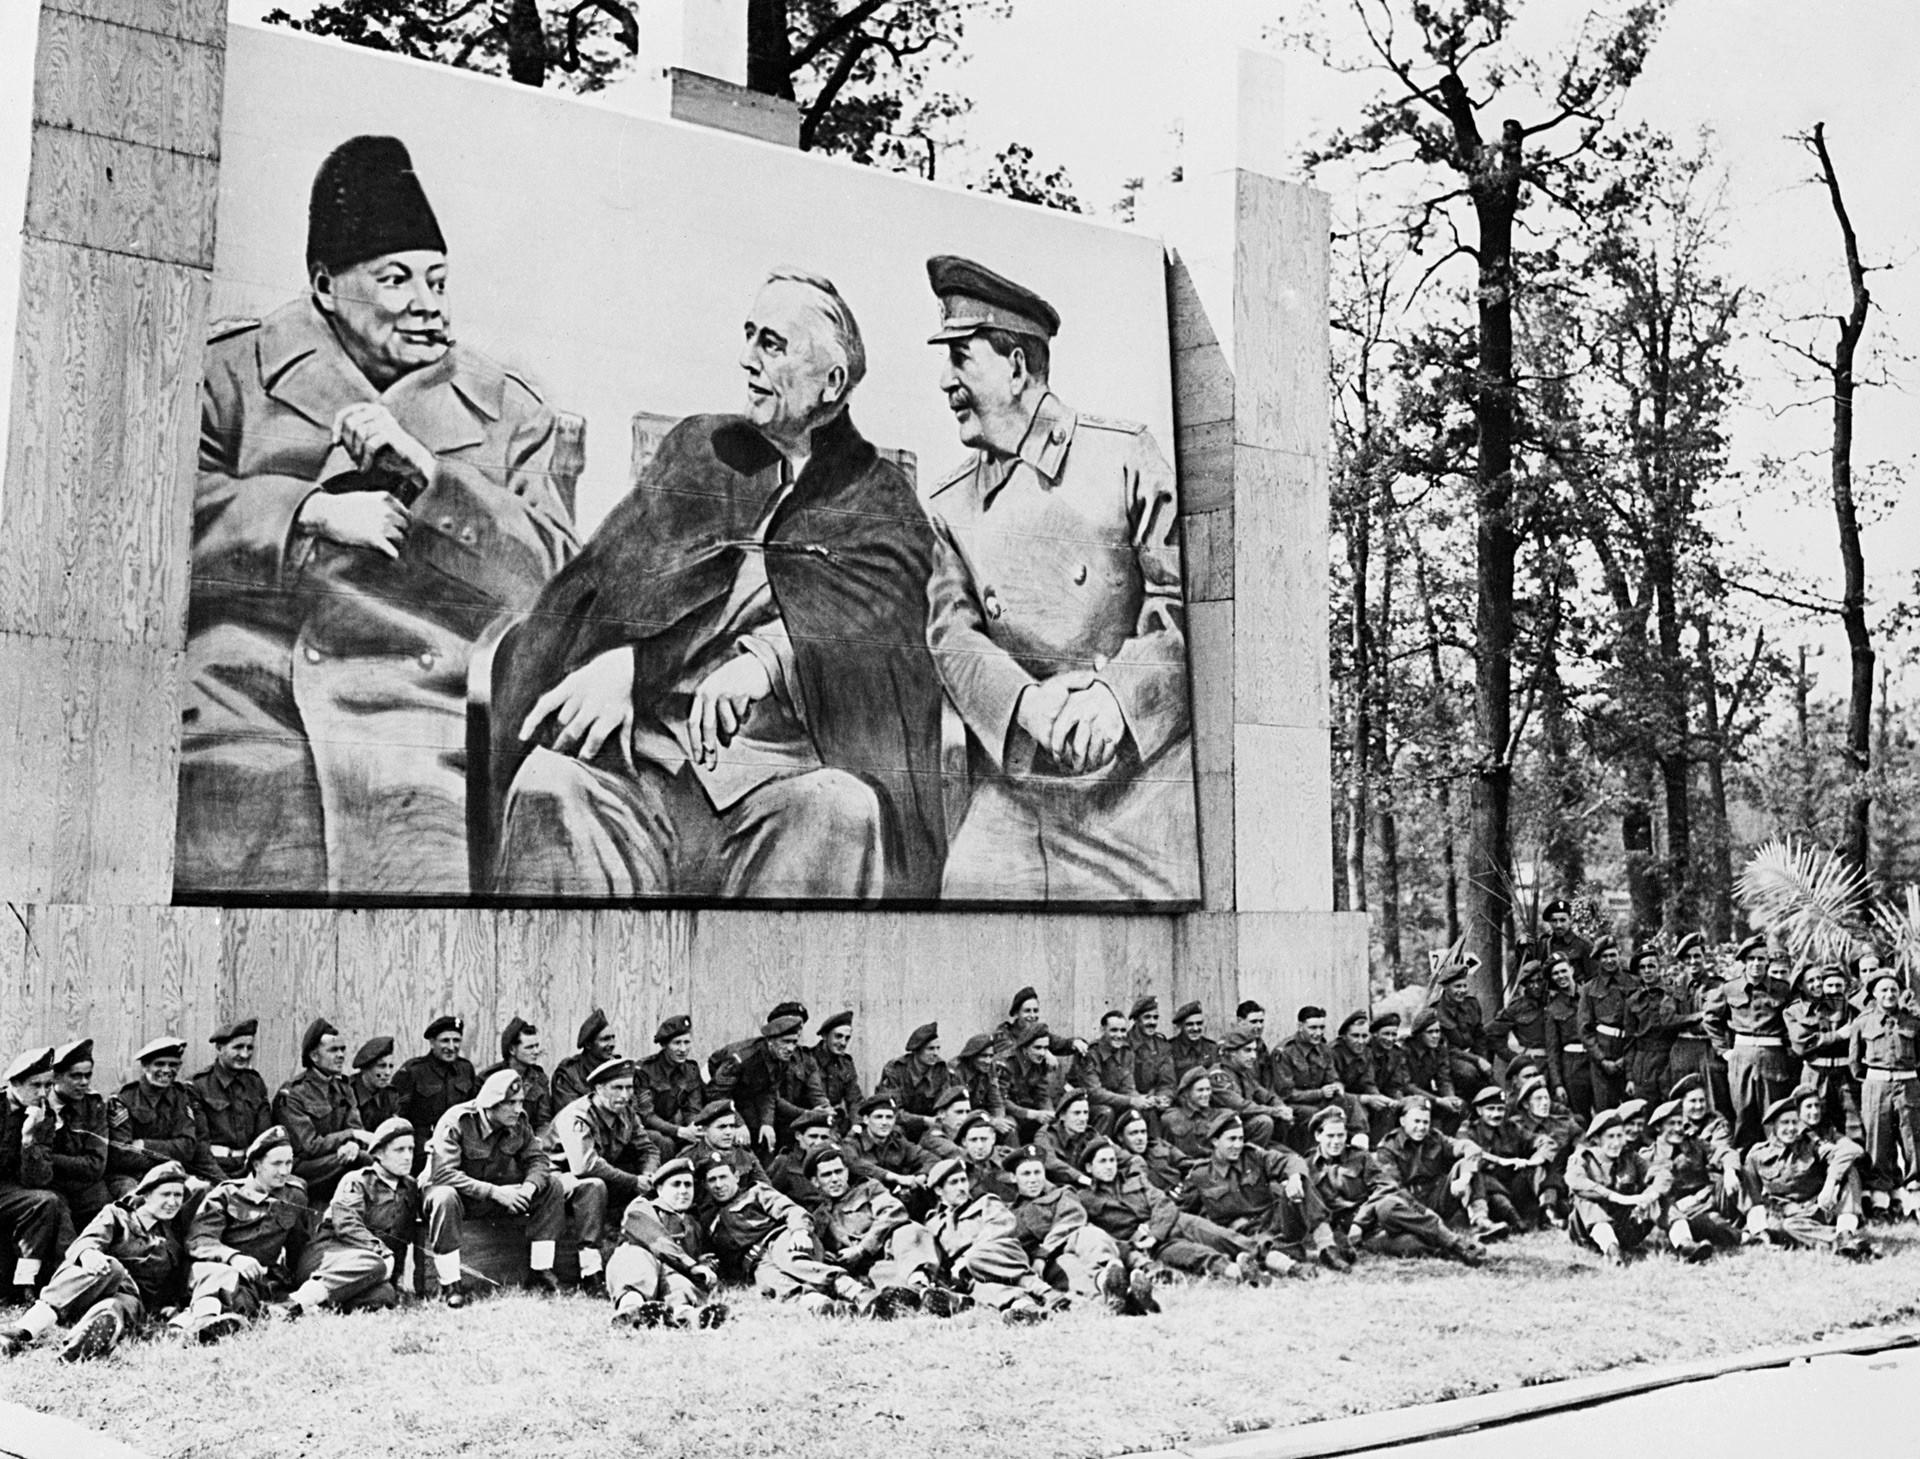 Британски войници пред плакат с Чърчил, Сталин и Рузвелт в Ялта